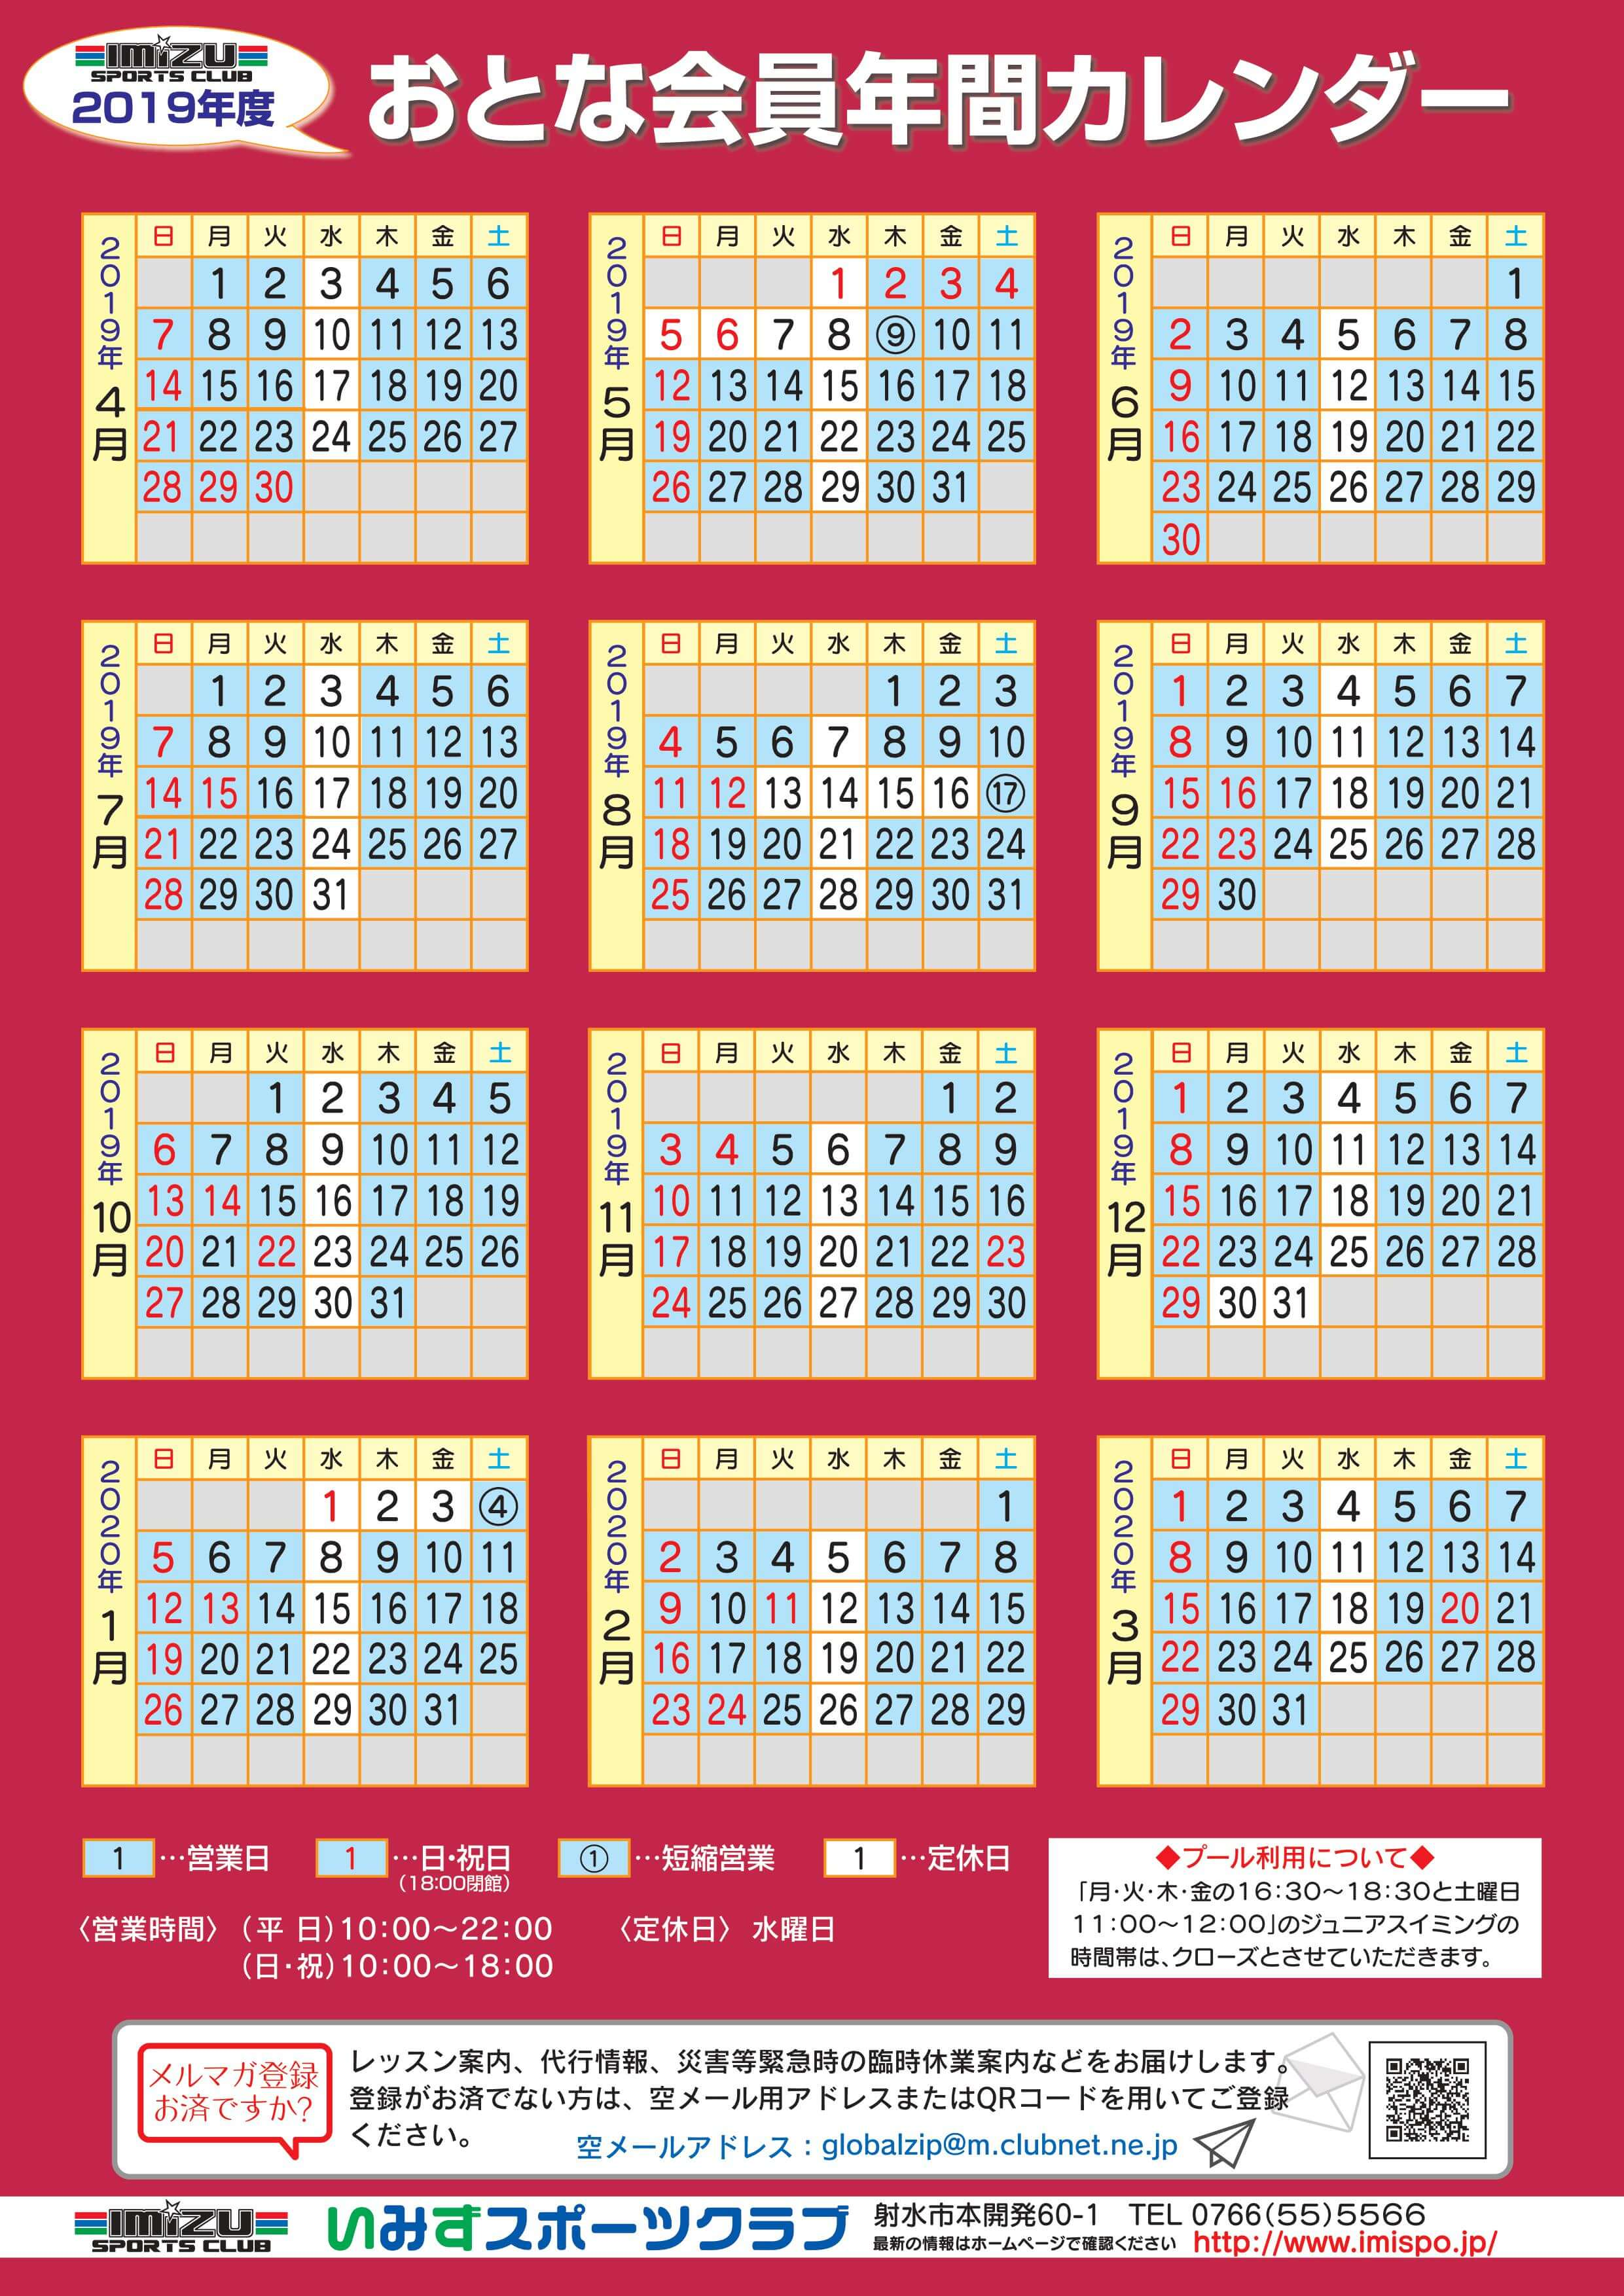 フィットネス年間カレンダー